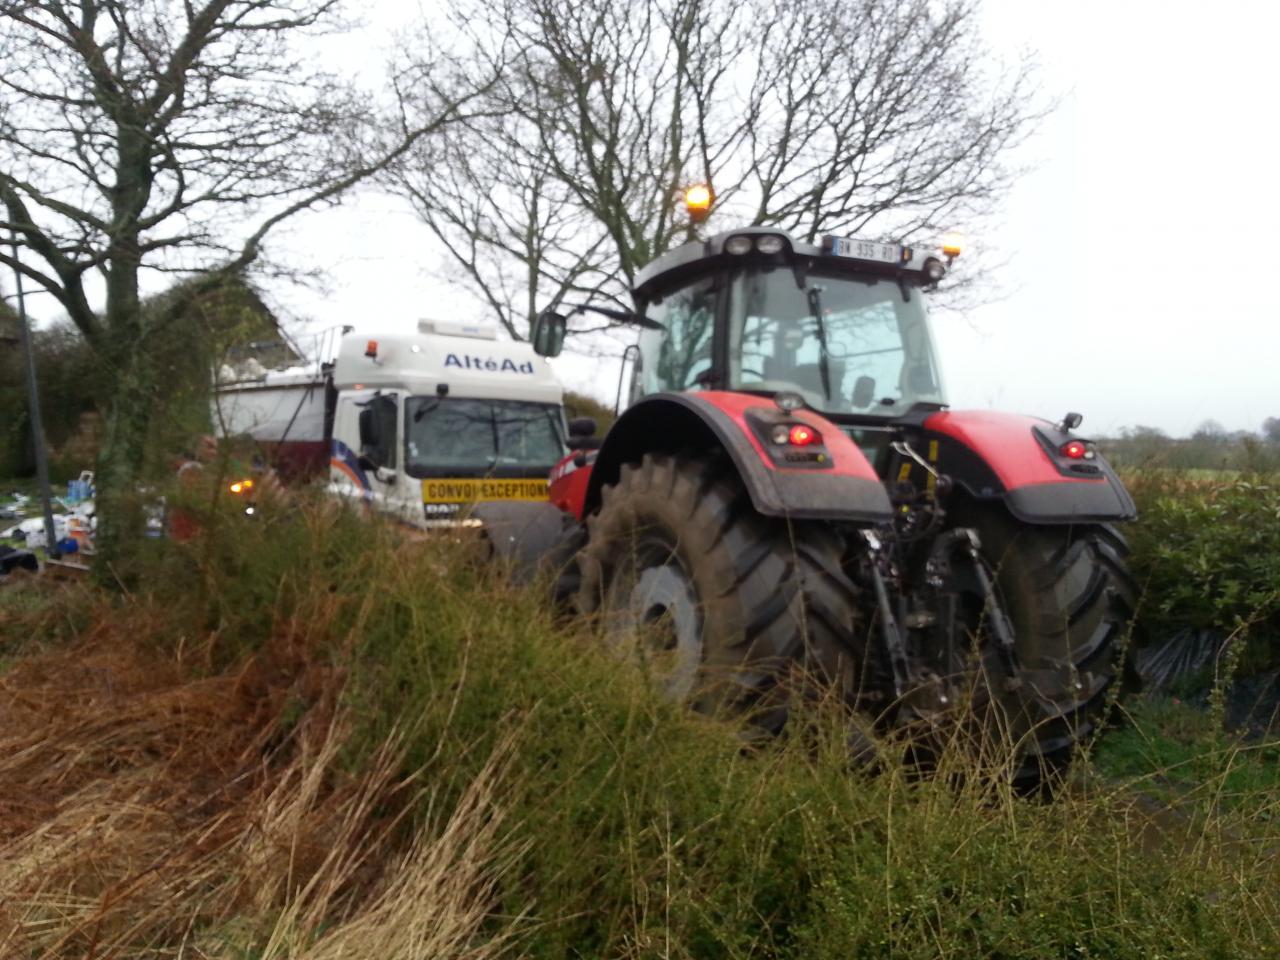 Un tracteur tire le convoi enlisé dans la boue